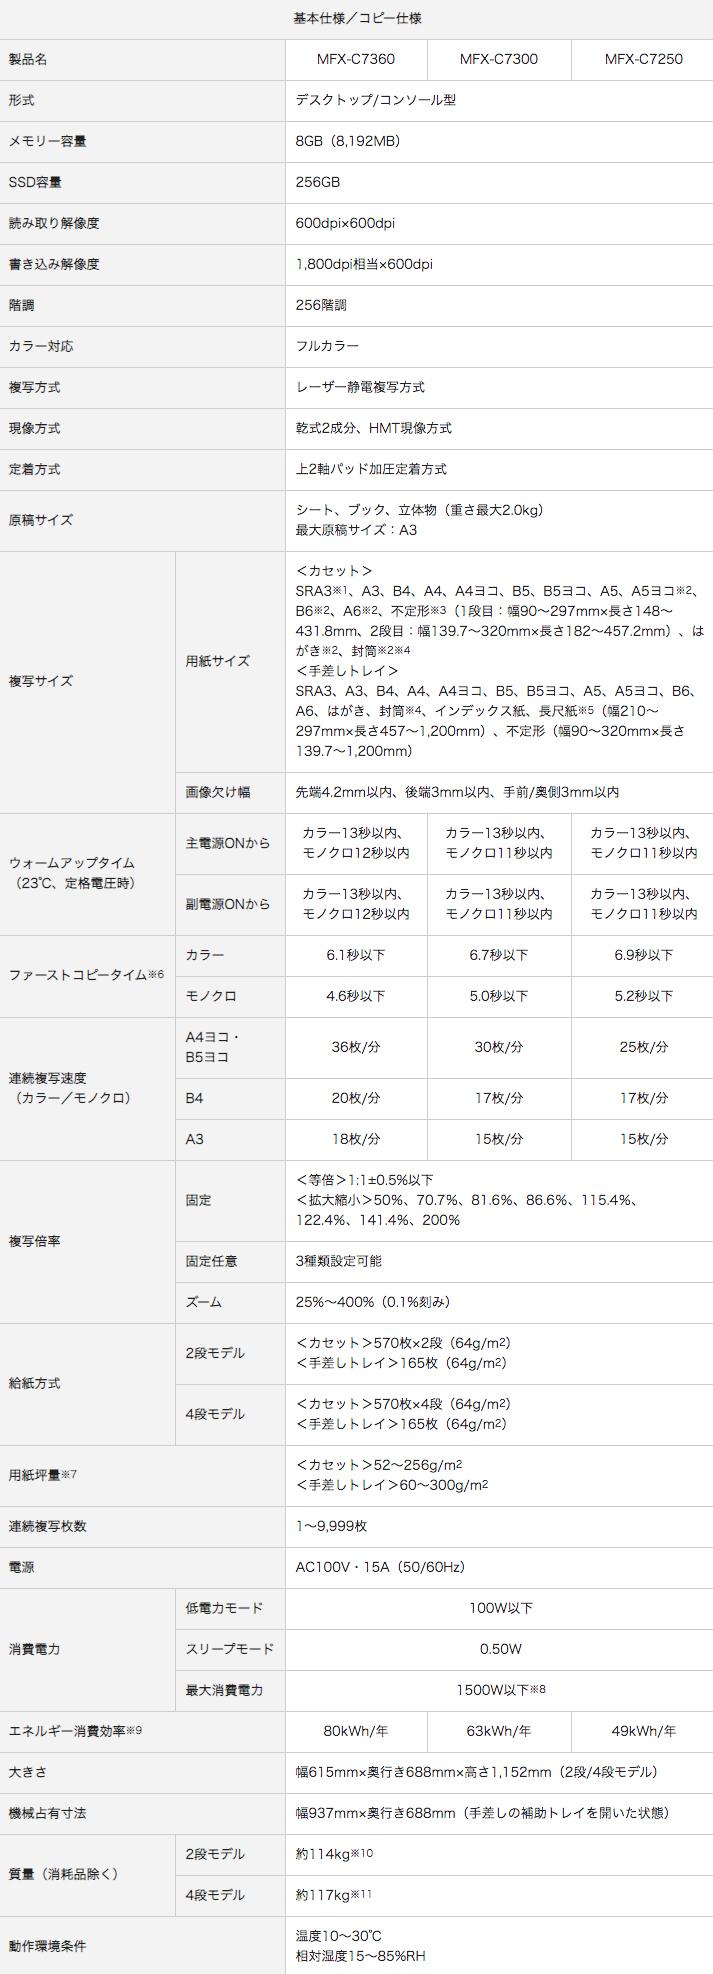 MFX-C7360_C7300_C7250の主な仕様